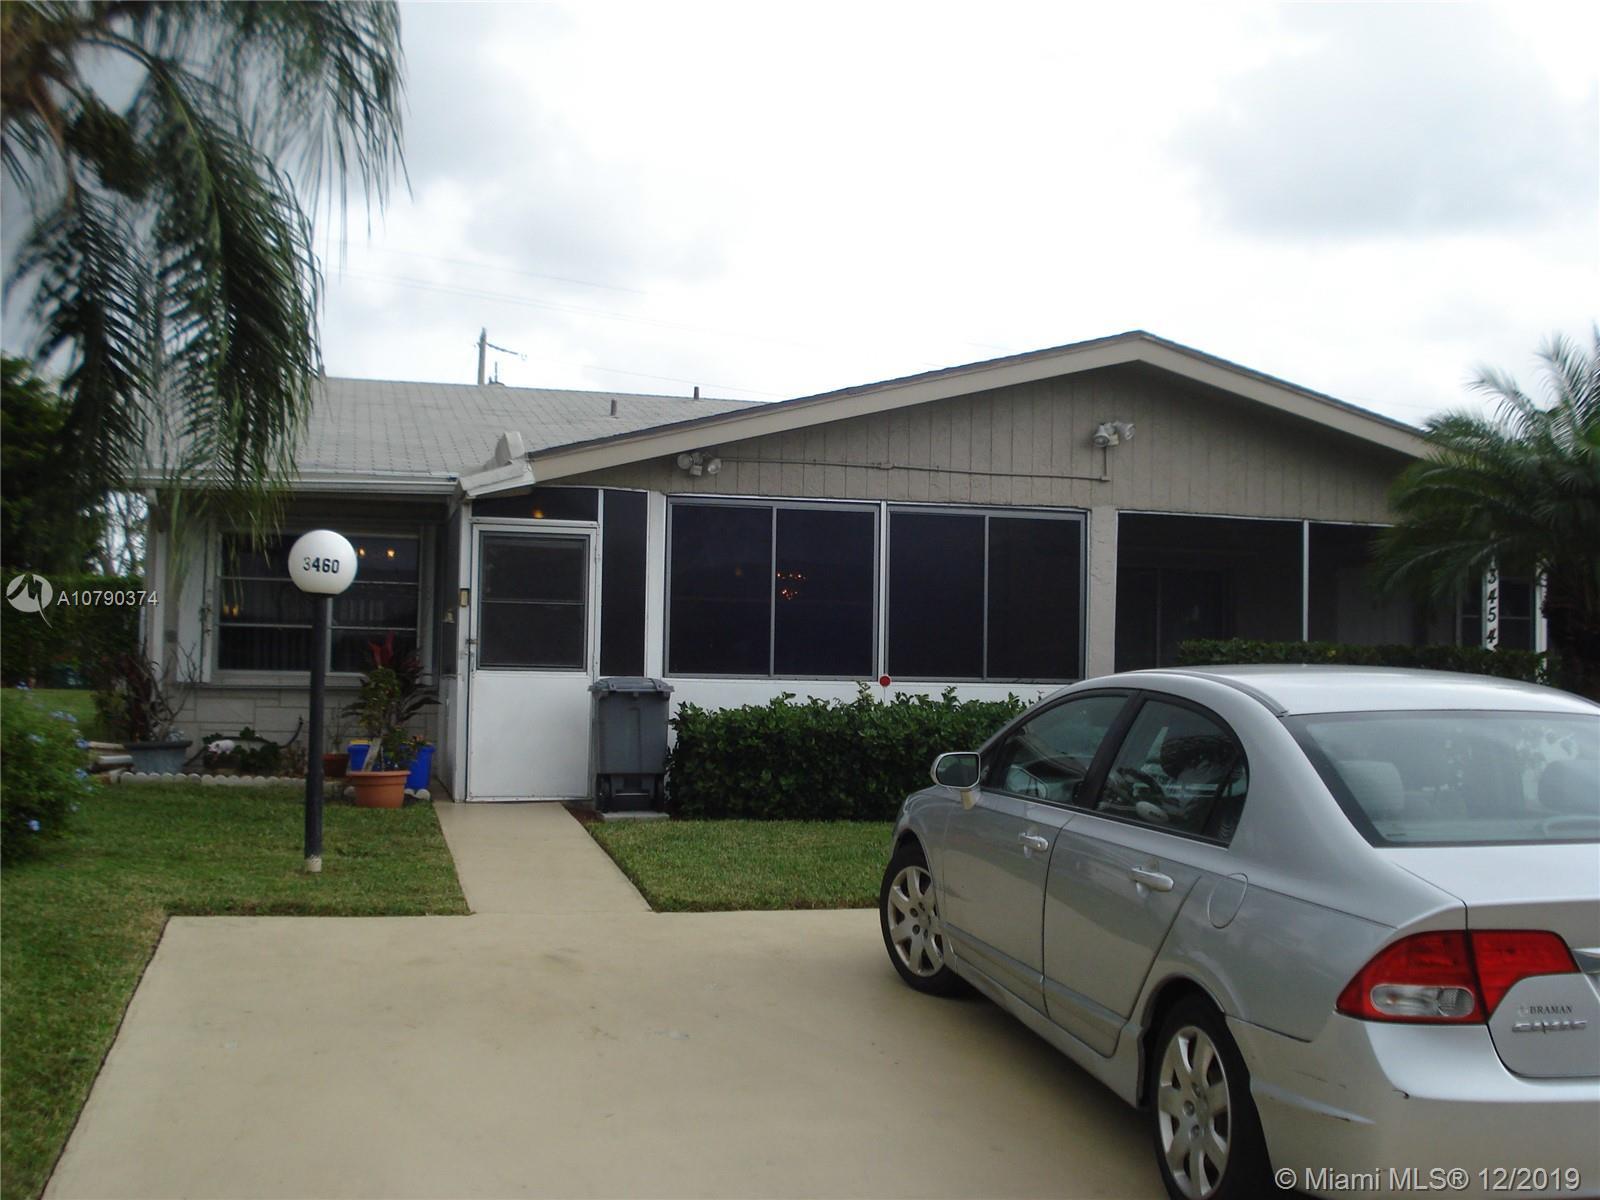 3460 Americo Dr 3460, West Palm Beach, FL 33417